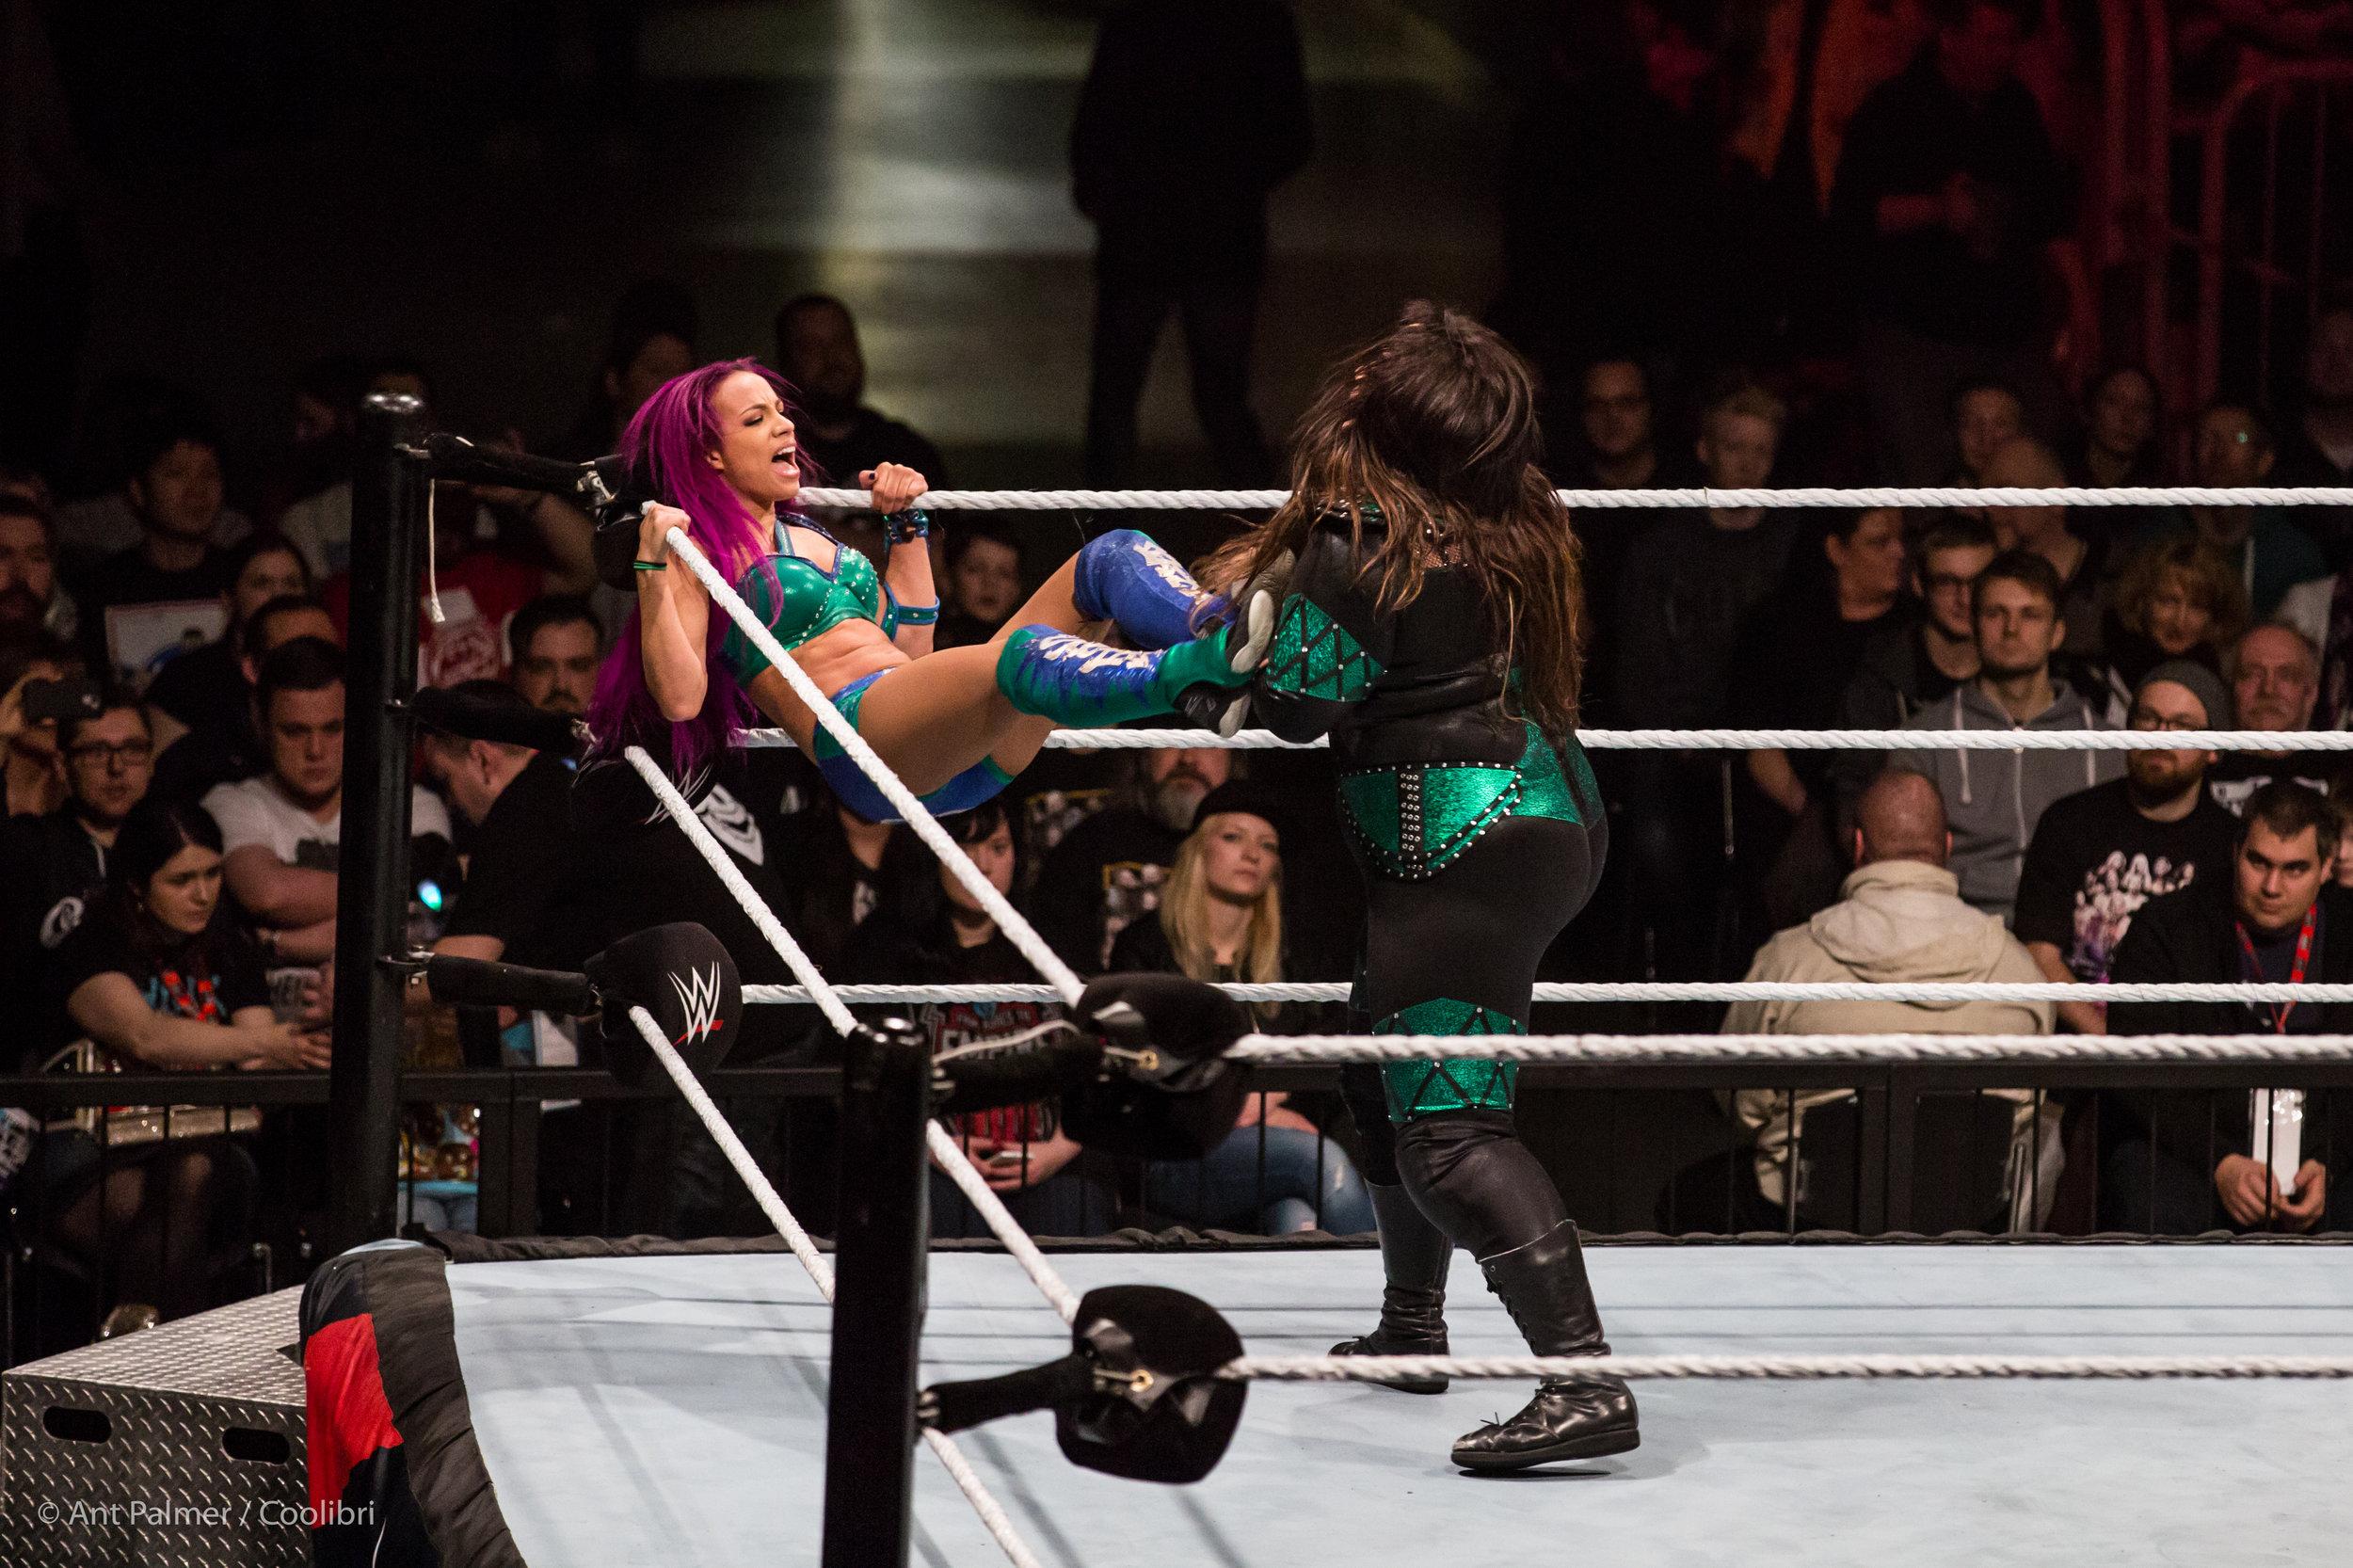 2017_02_22_WWE_DUS-10.jpg